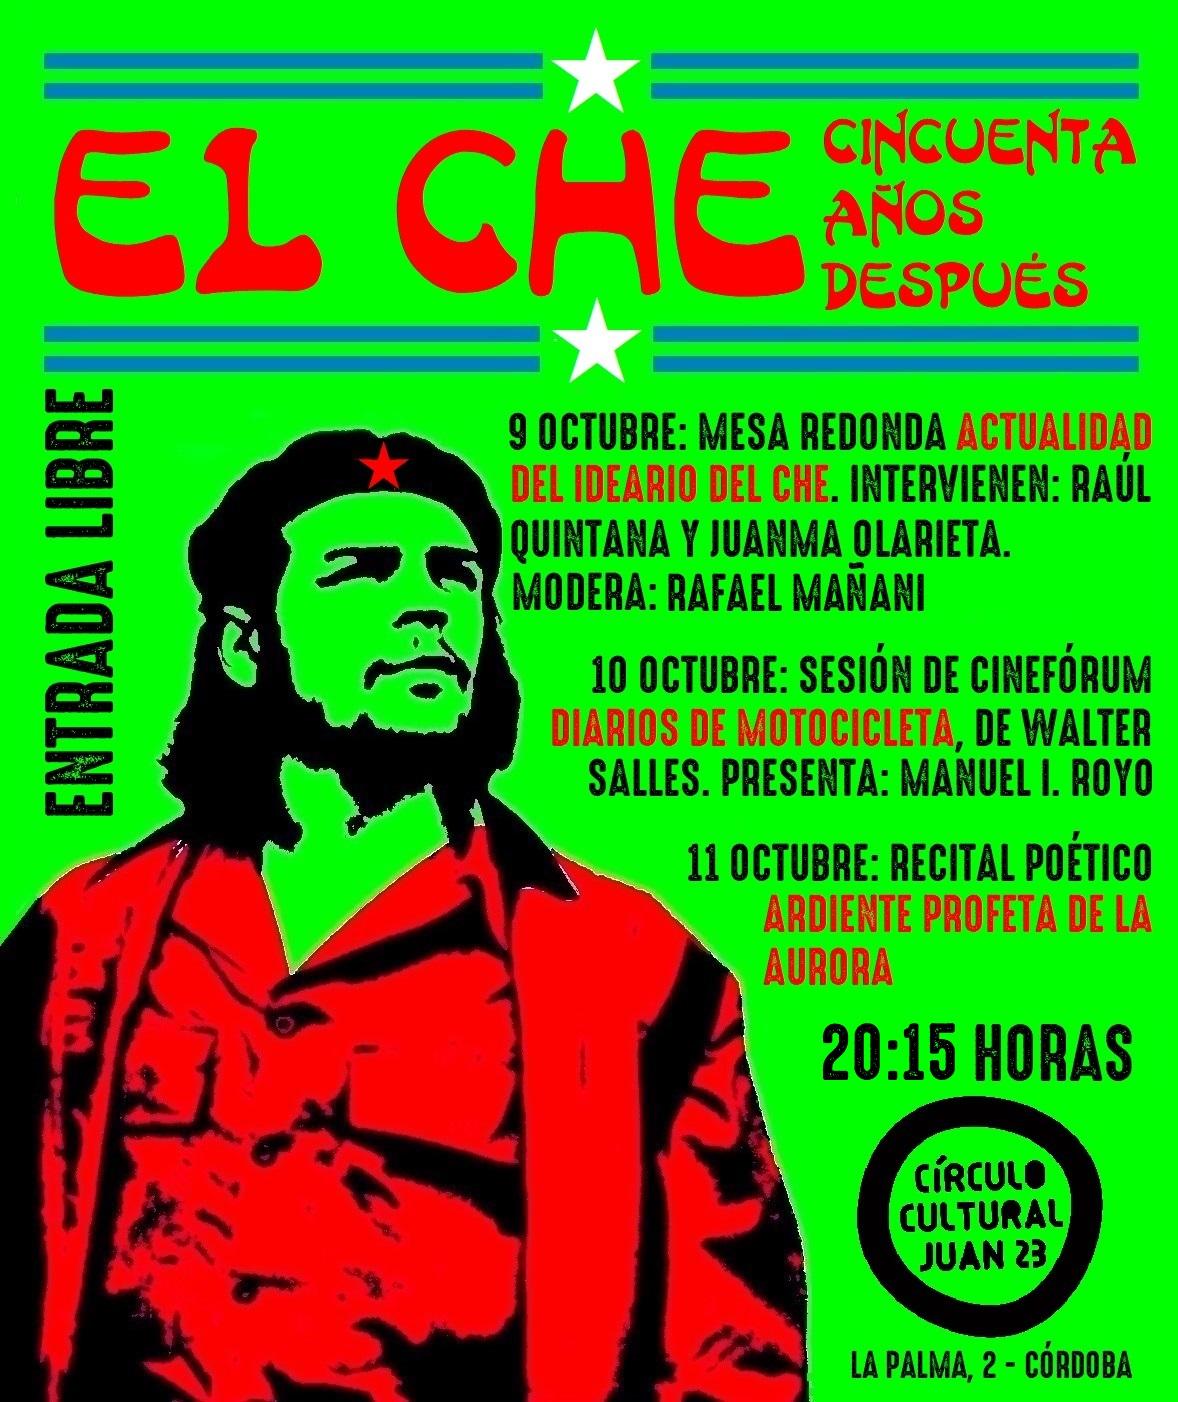 El Círculo Cultural Juan XXIII organiza unas jornadas sobre el revolucionario Ernesto Guevara.